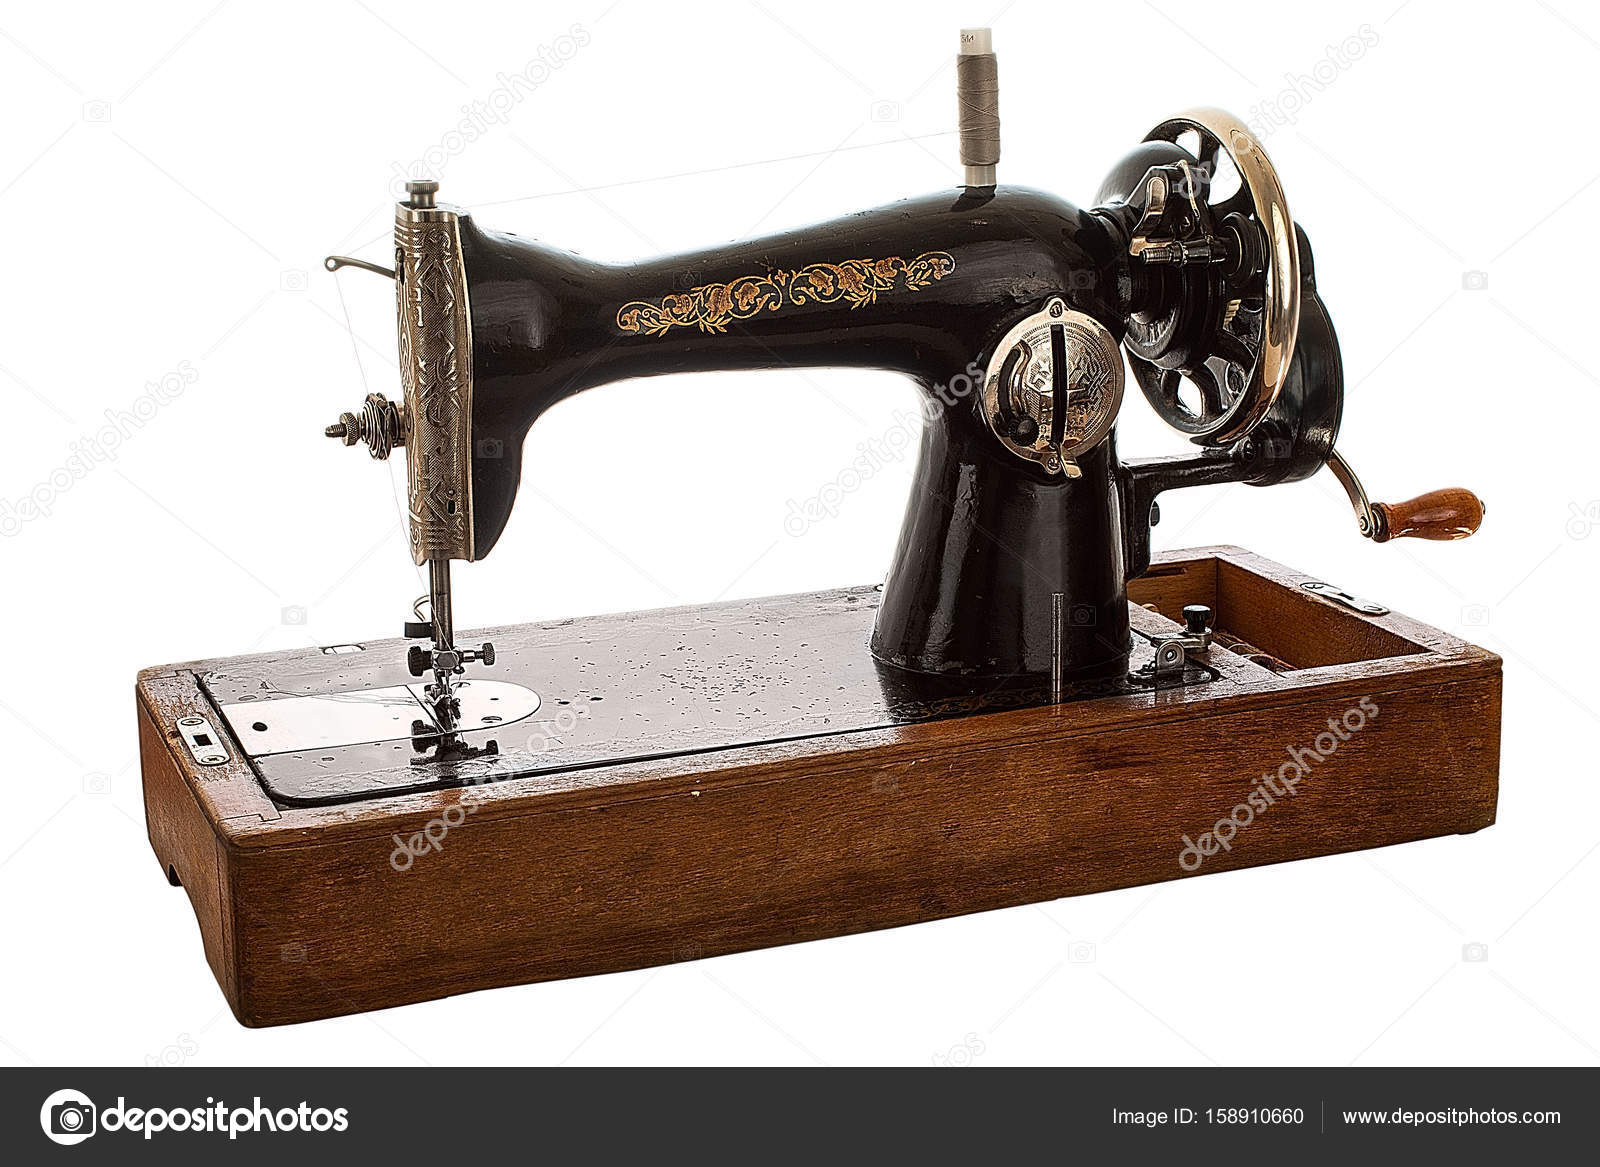 Una máquina de coser de mano antiguo, sobre fondo blanco